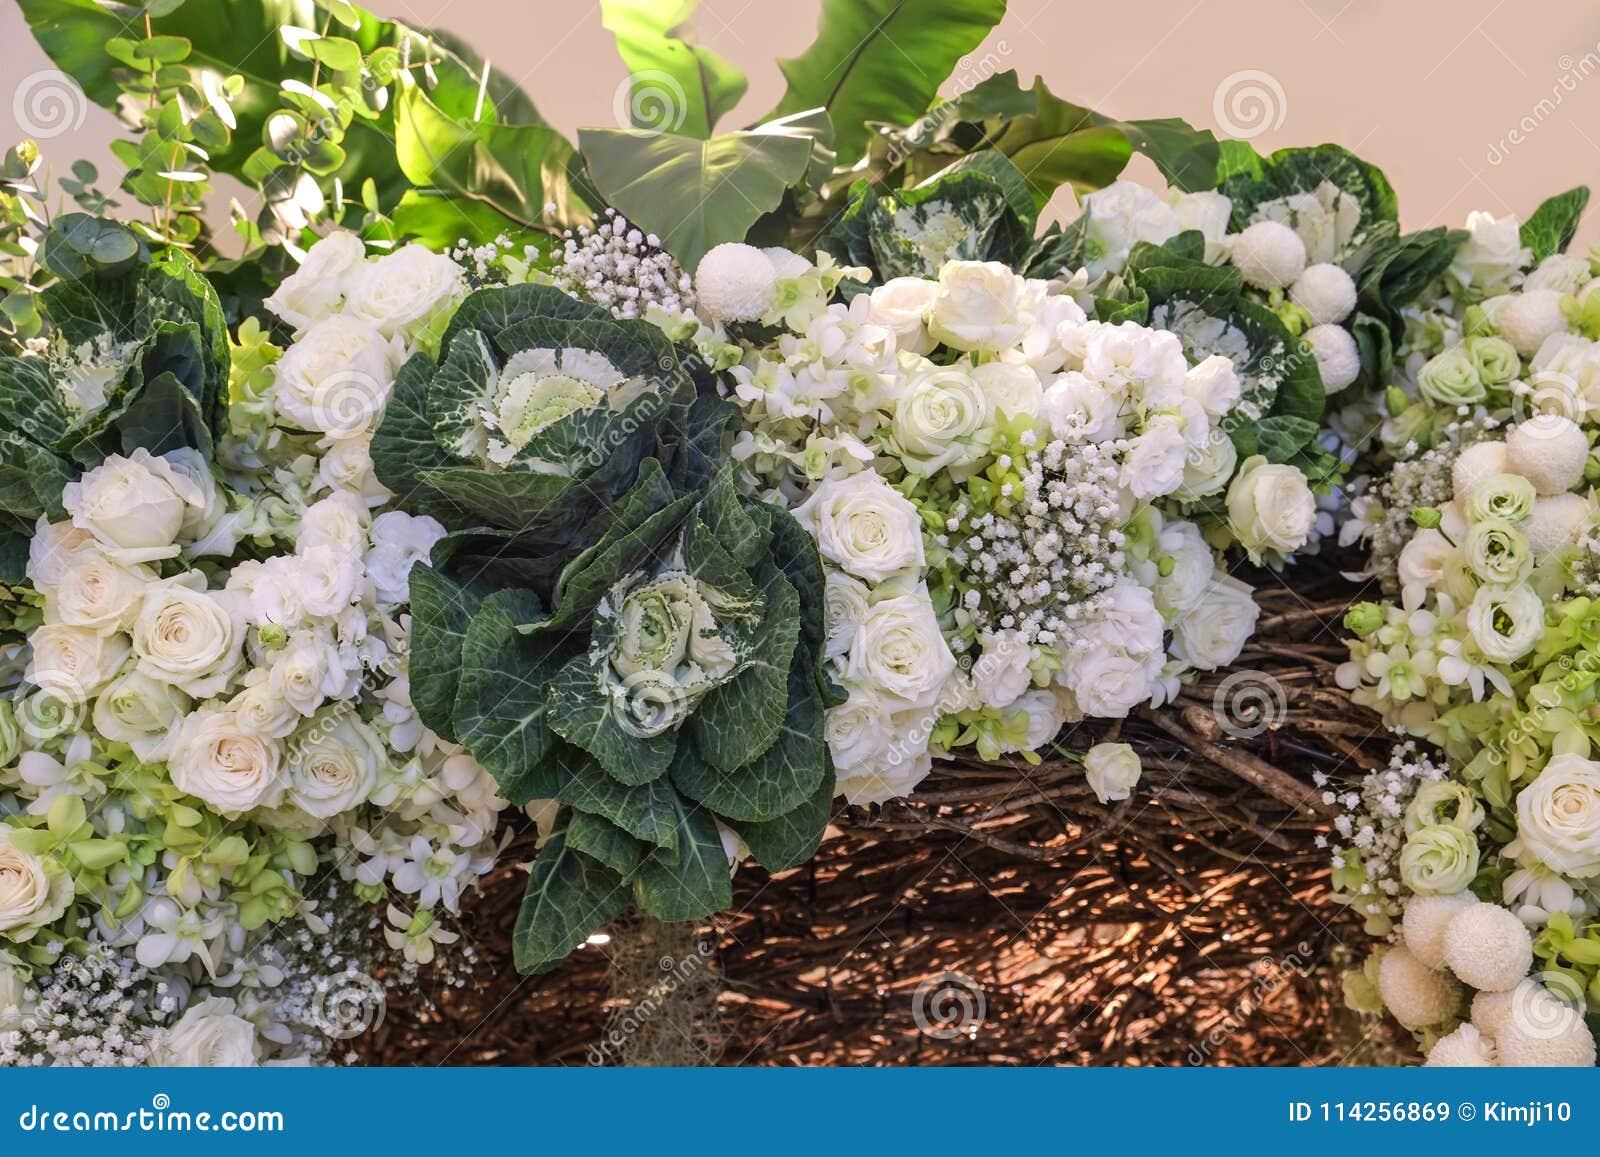 Weisse Rosen Sind Schone Blumenstrausse Stockbild Bild Von Heidi